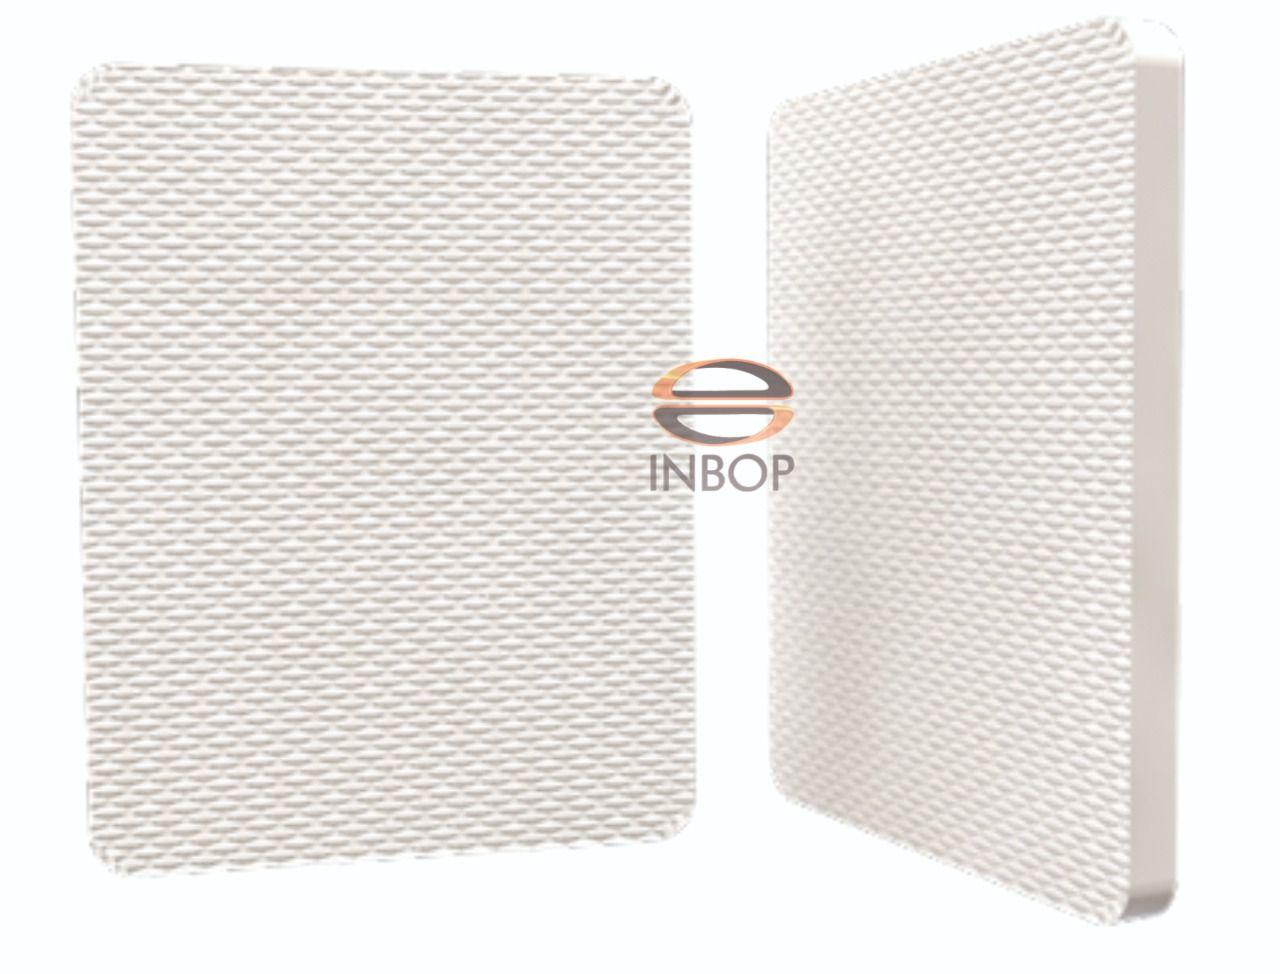 30 Quadrados de Borracha Top+ Brinde de 30 pares de alças - Modelo Monocolor  - INBOP - Indústria de Borrachas e Polímeros